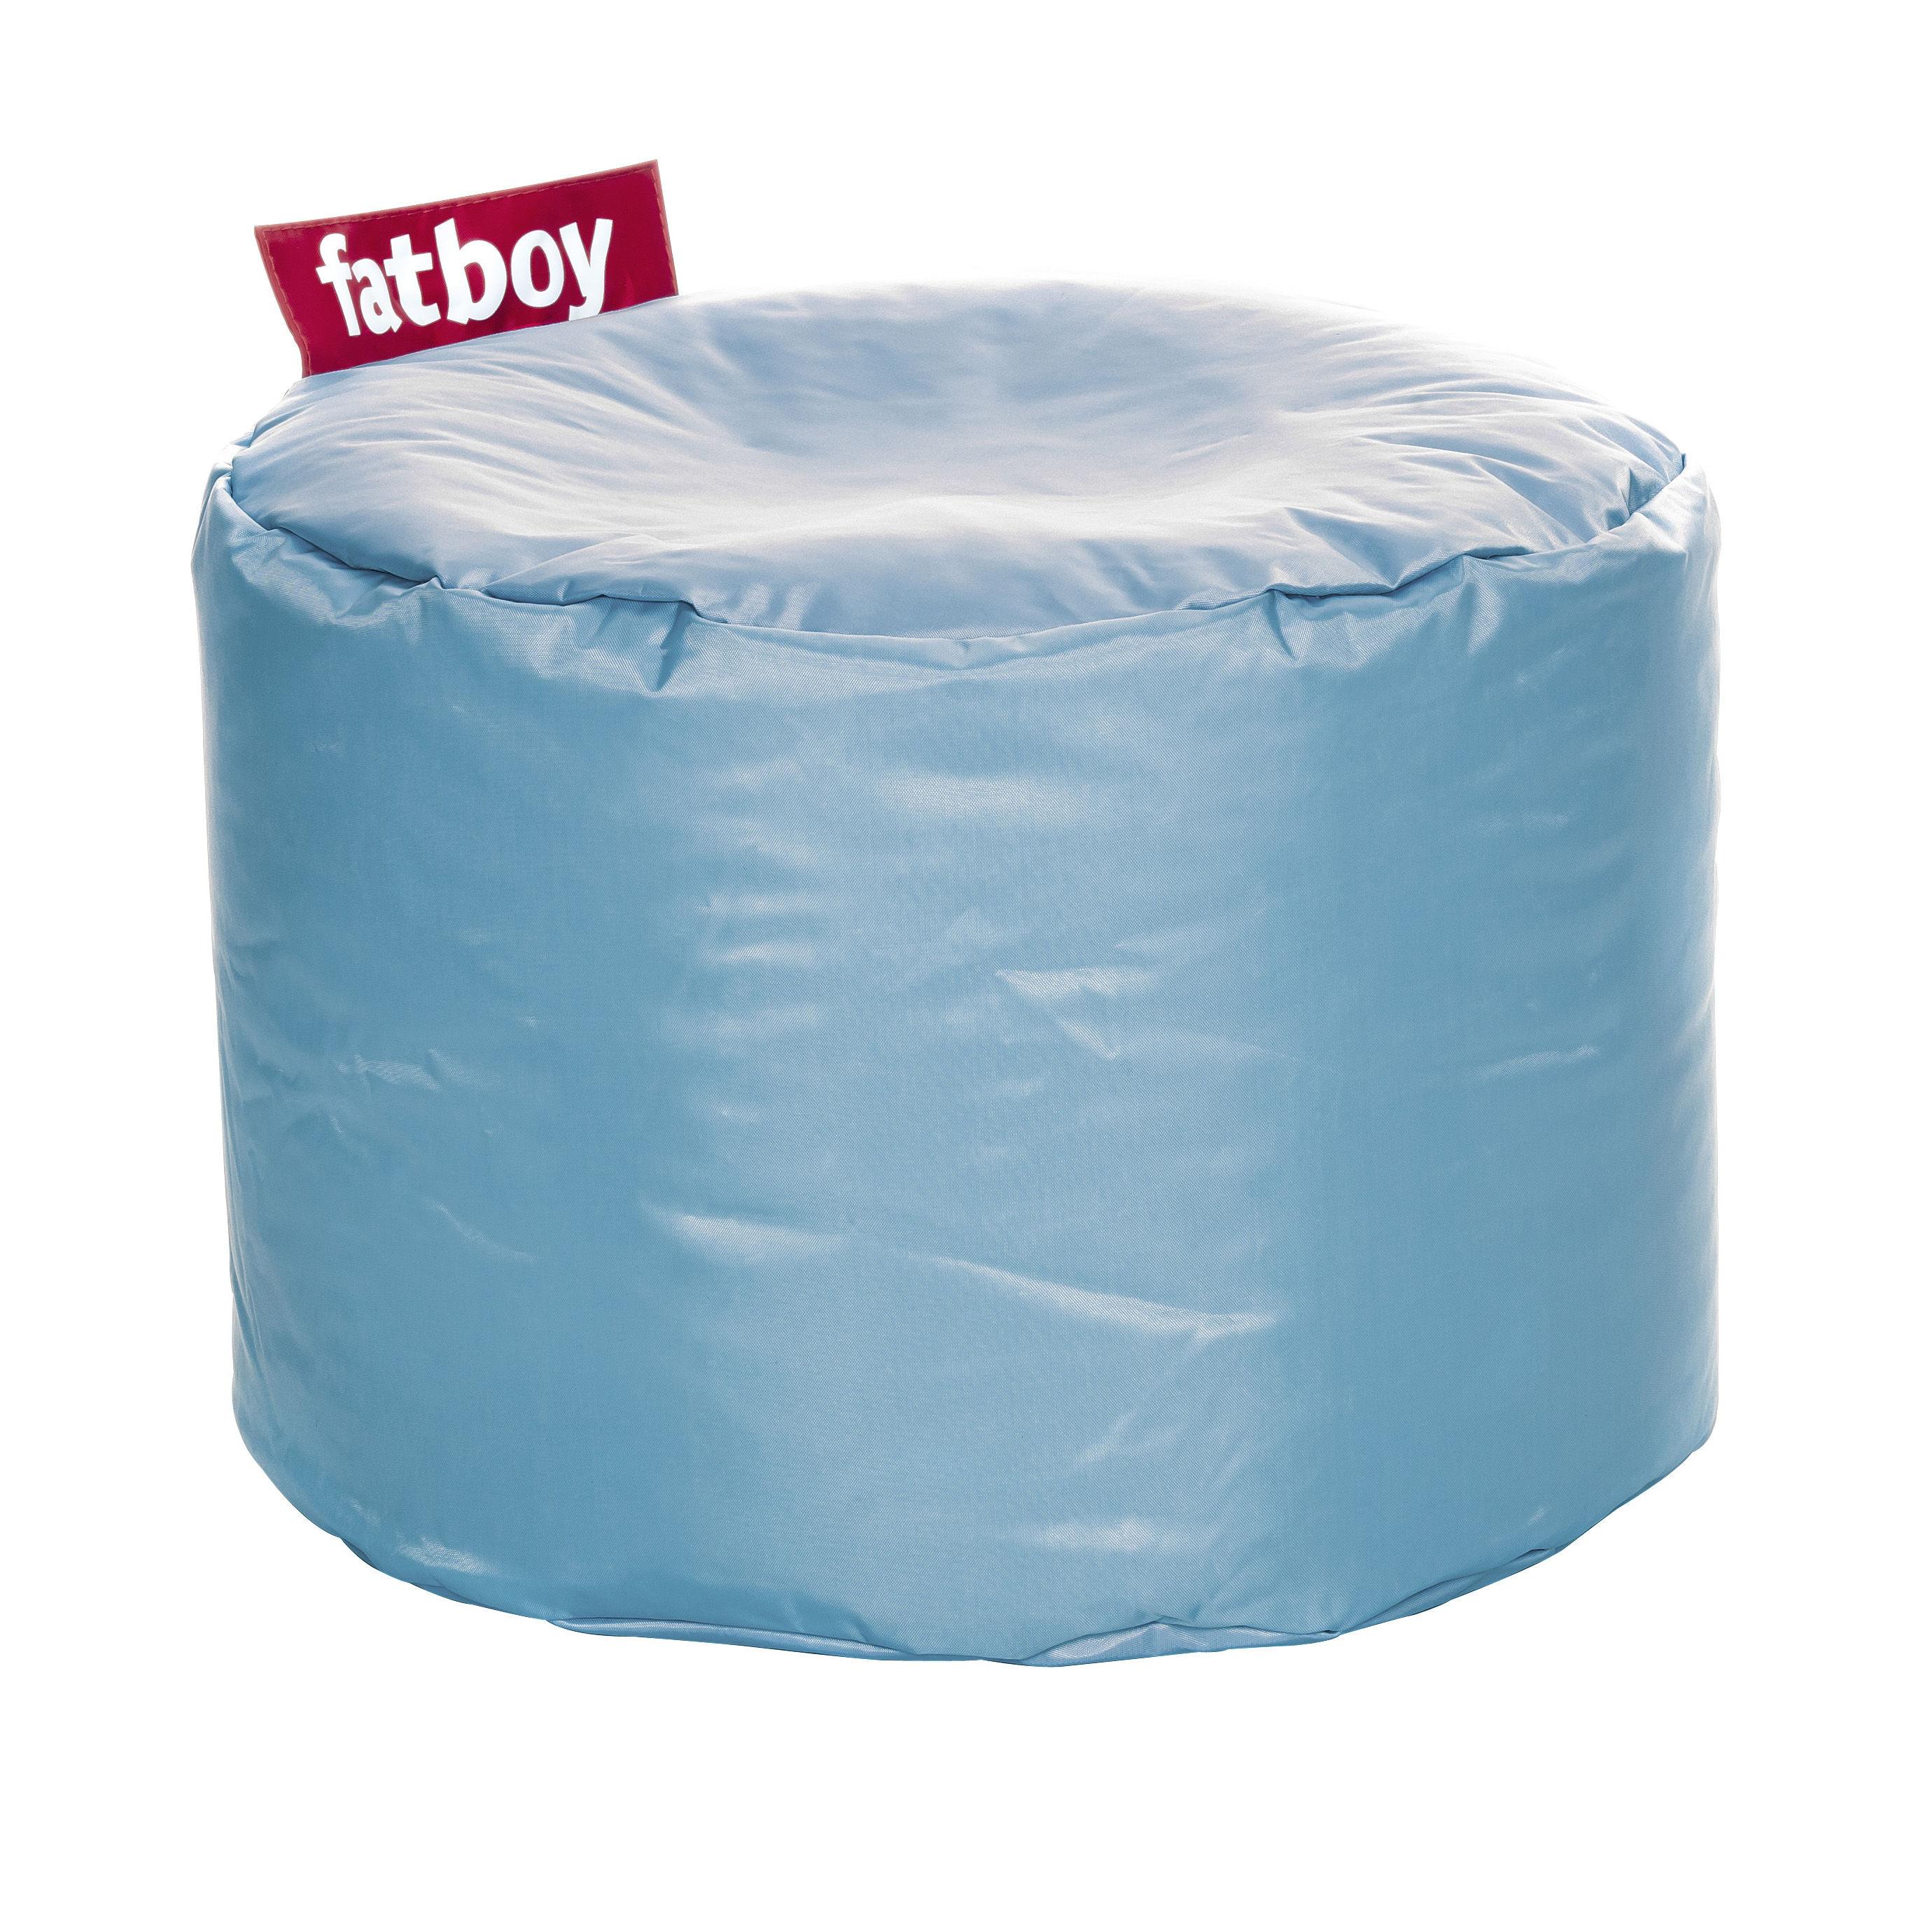 Möbel - Möbel für Kinder - Point Sitzkissen - Fatboy - Eisblau - Gewebe